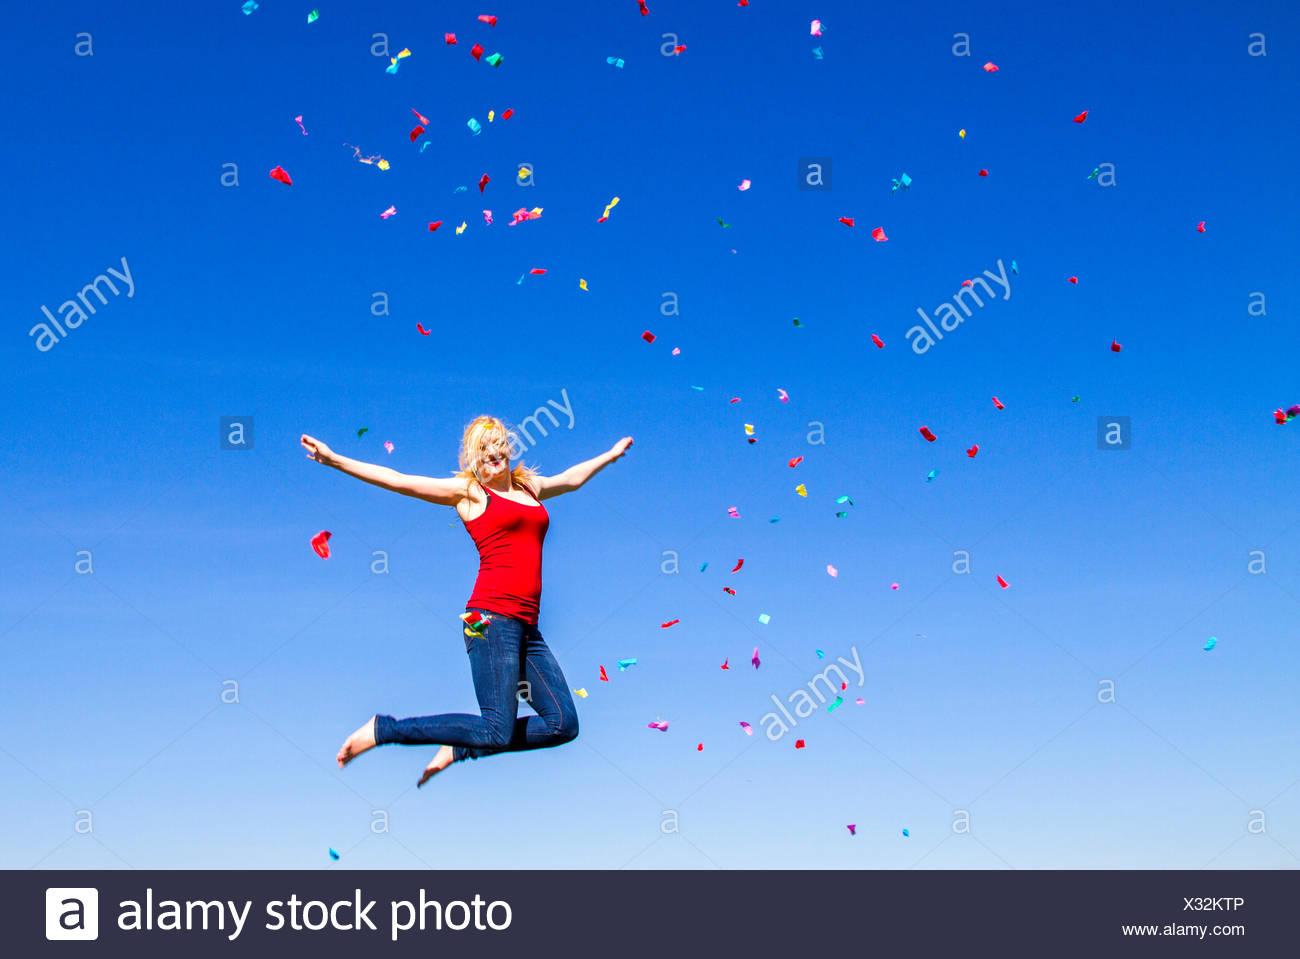 Ritratto di donna bionda jumping con i confetti contro il cielo blu Immagini Stock